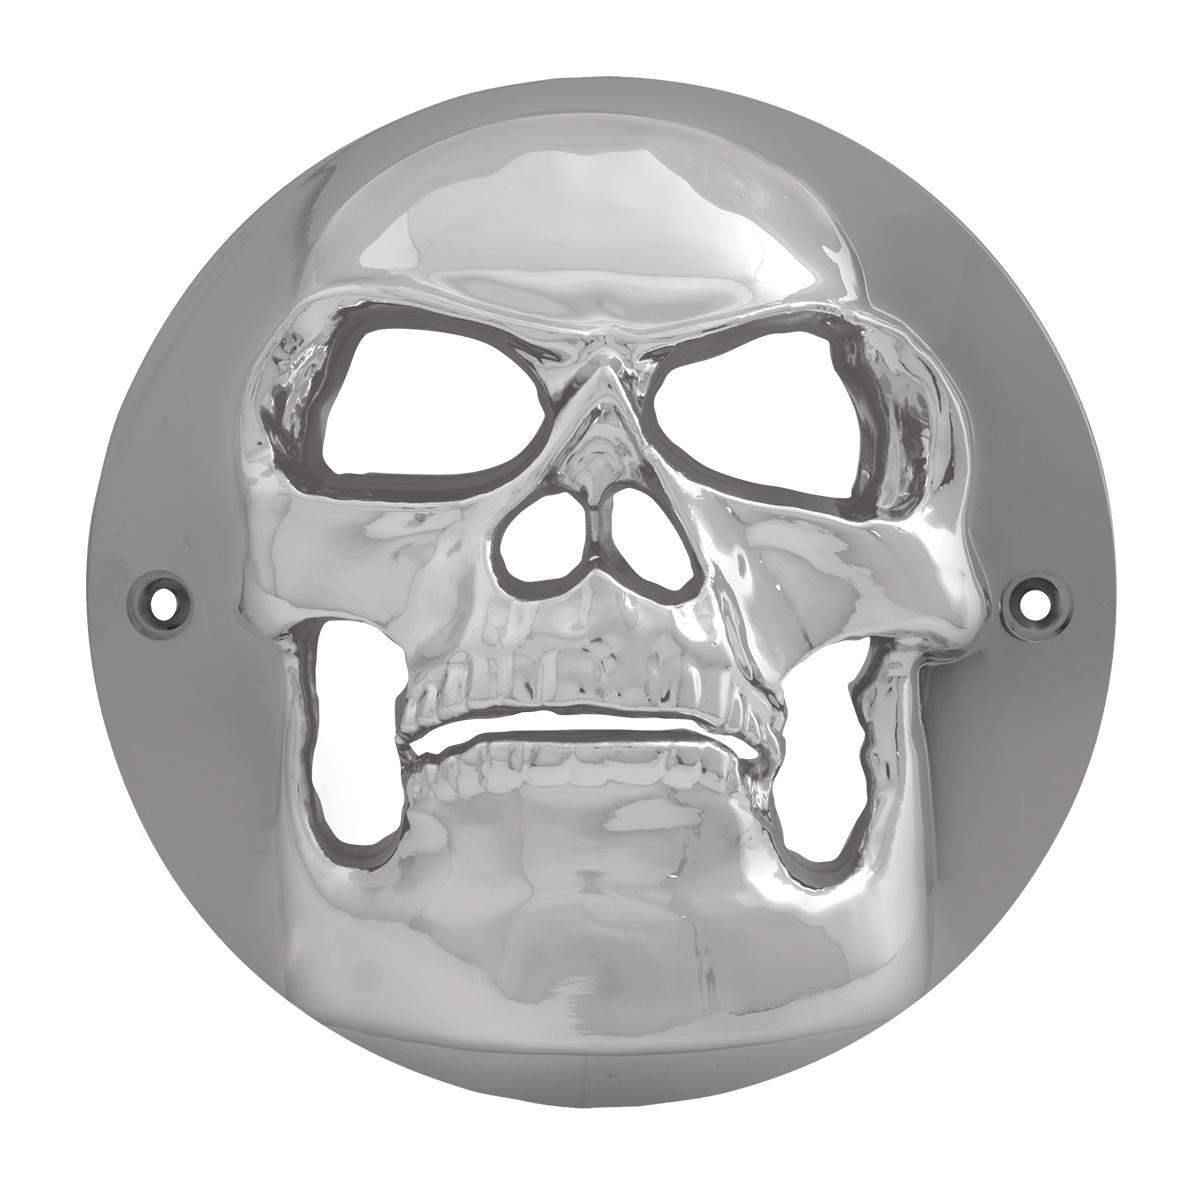 1 Pack Grand General 90090 Light Clear Plastic 4 Skull Bezel Cover for 4 //Grommet